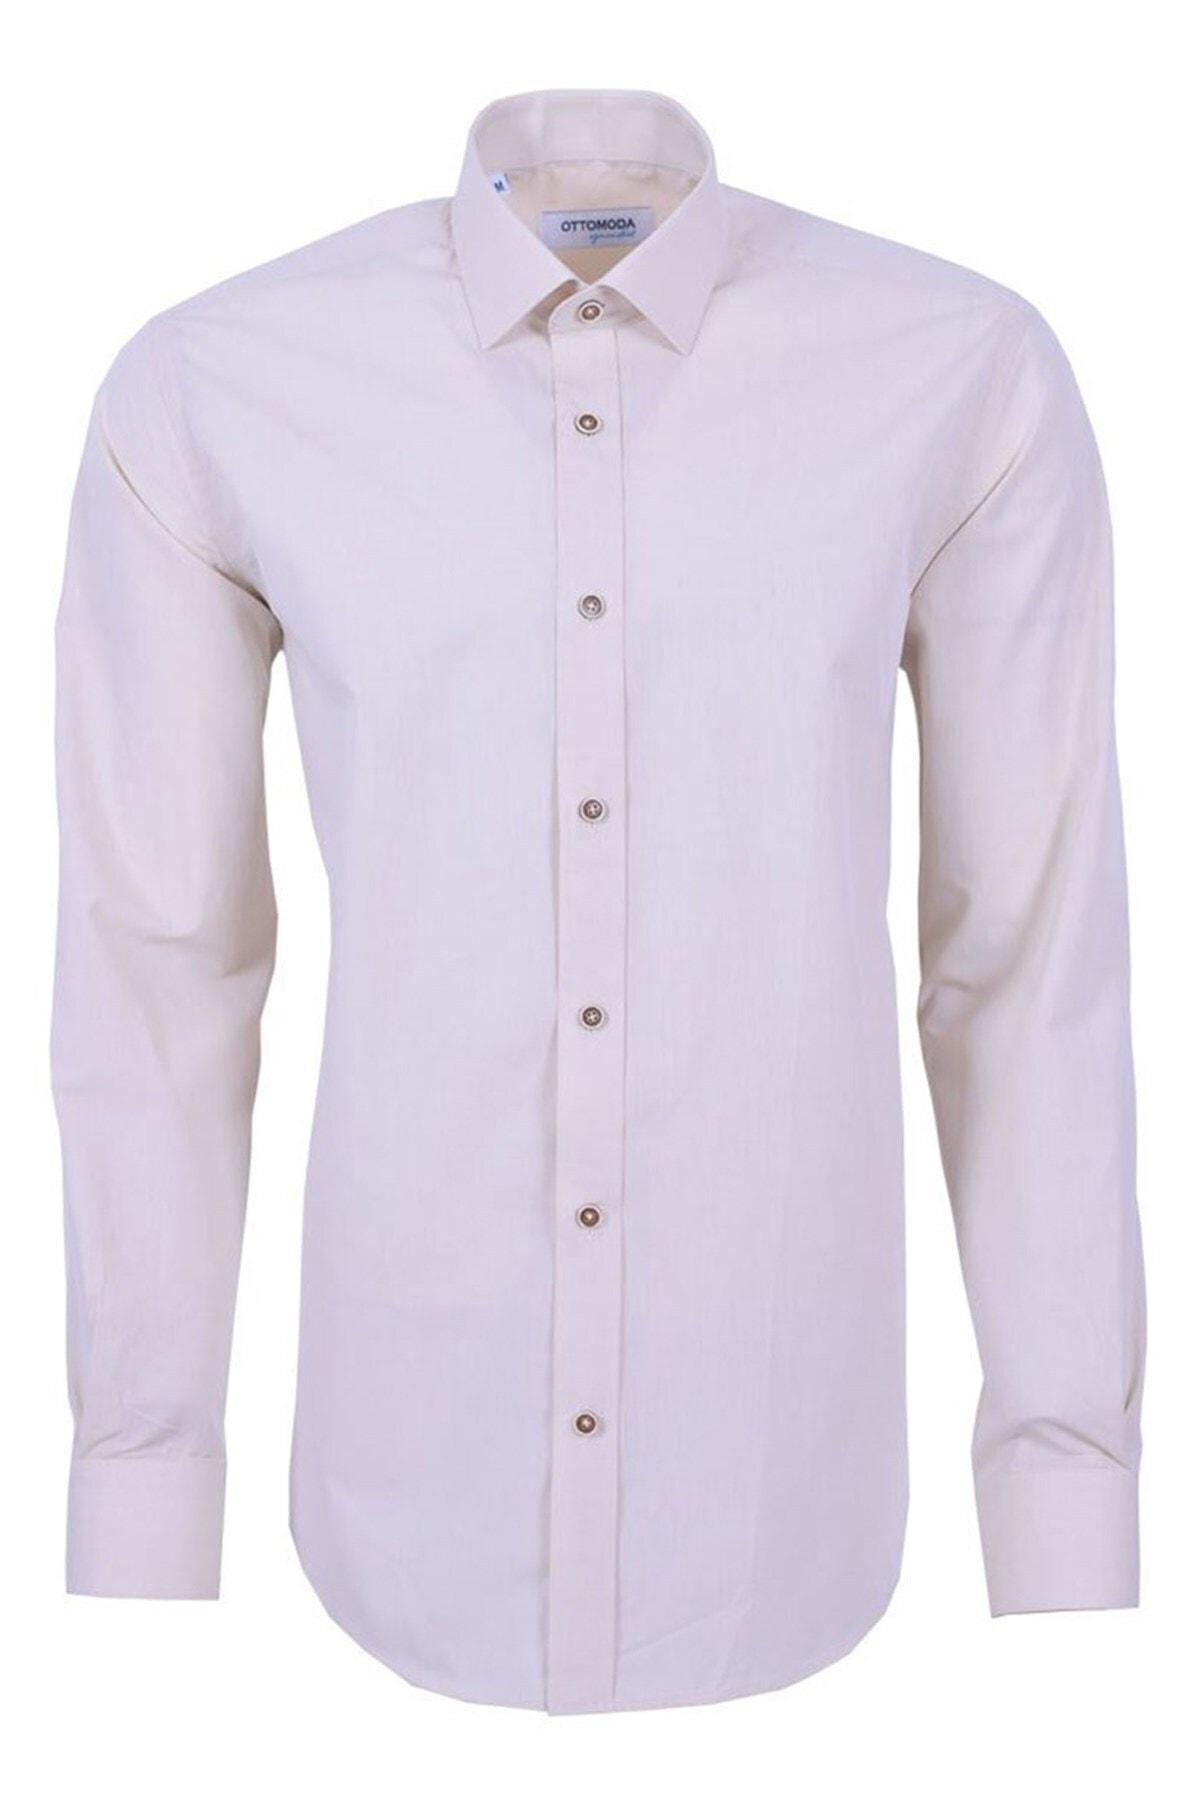 Ottomoda Uzun Kollu Klasik Erkek Gömlek Bej 1